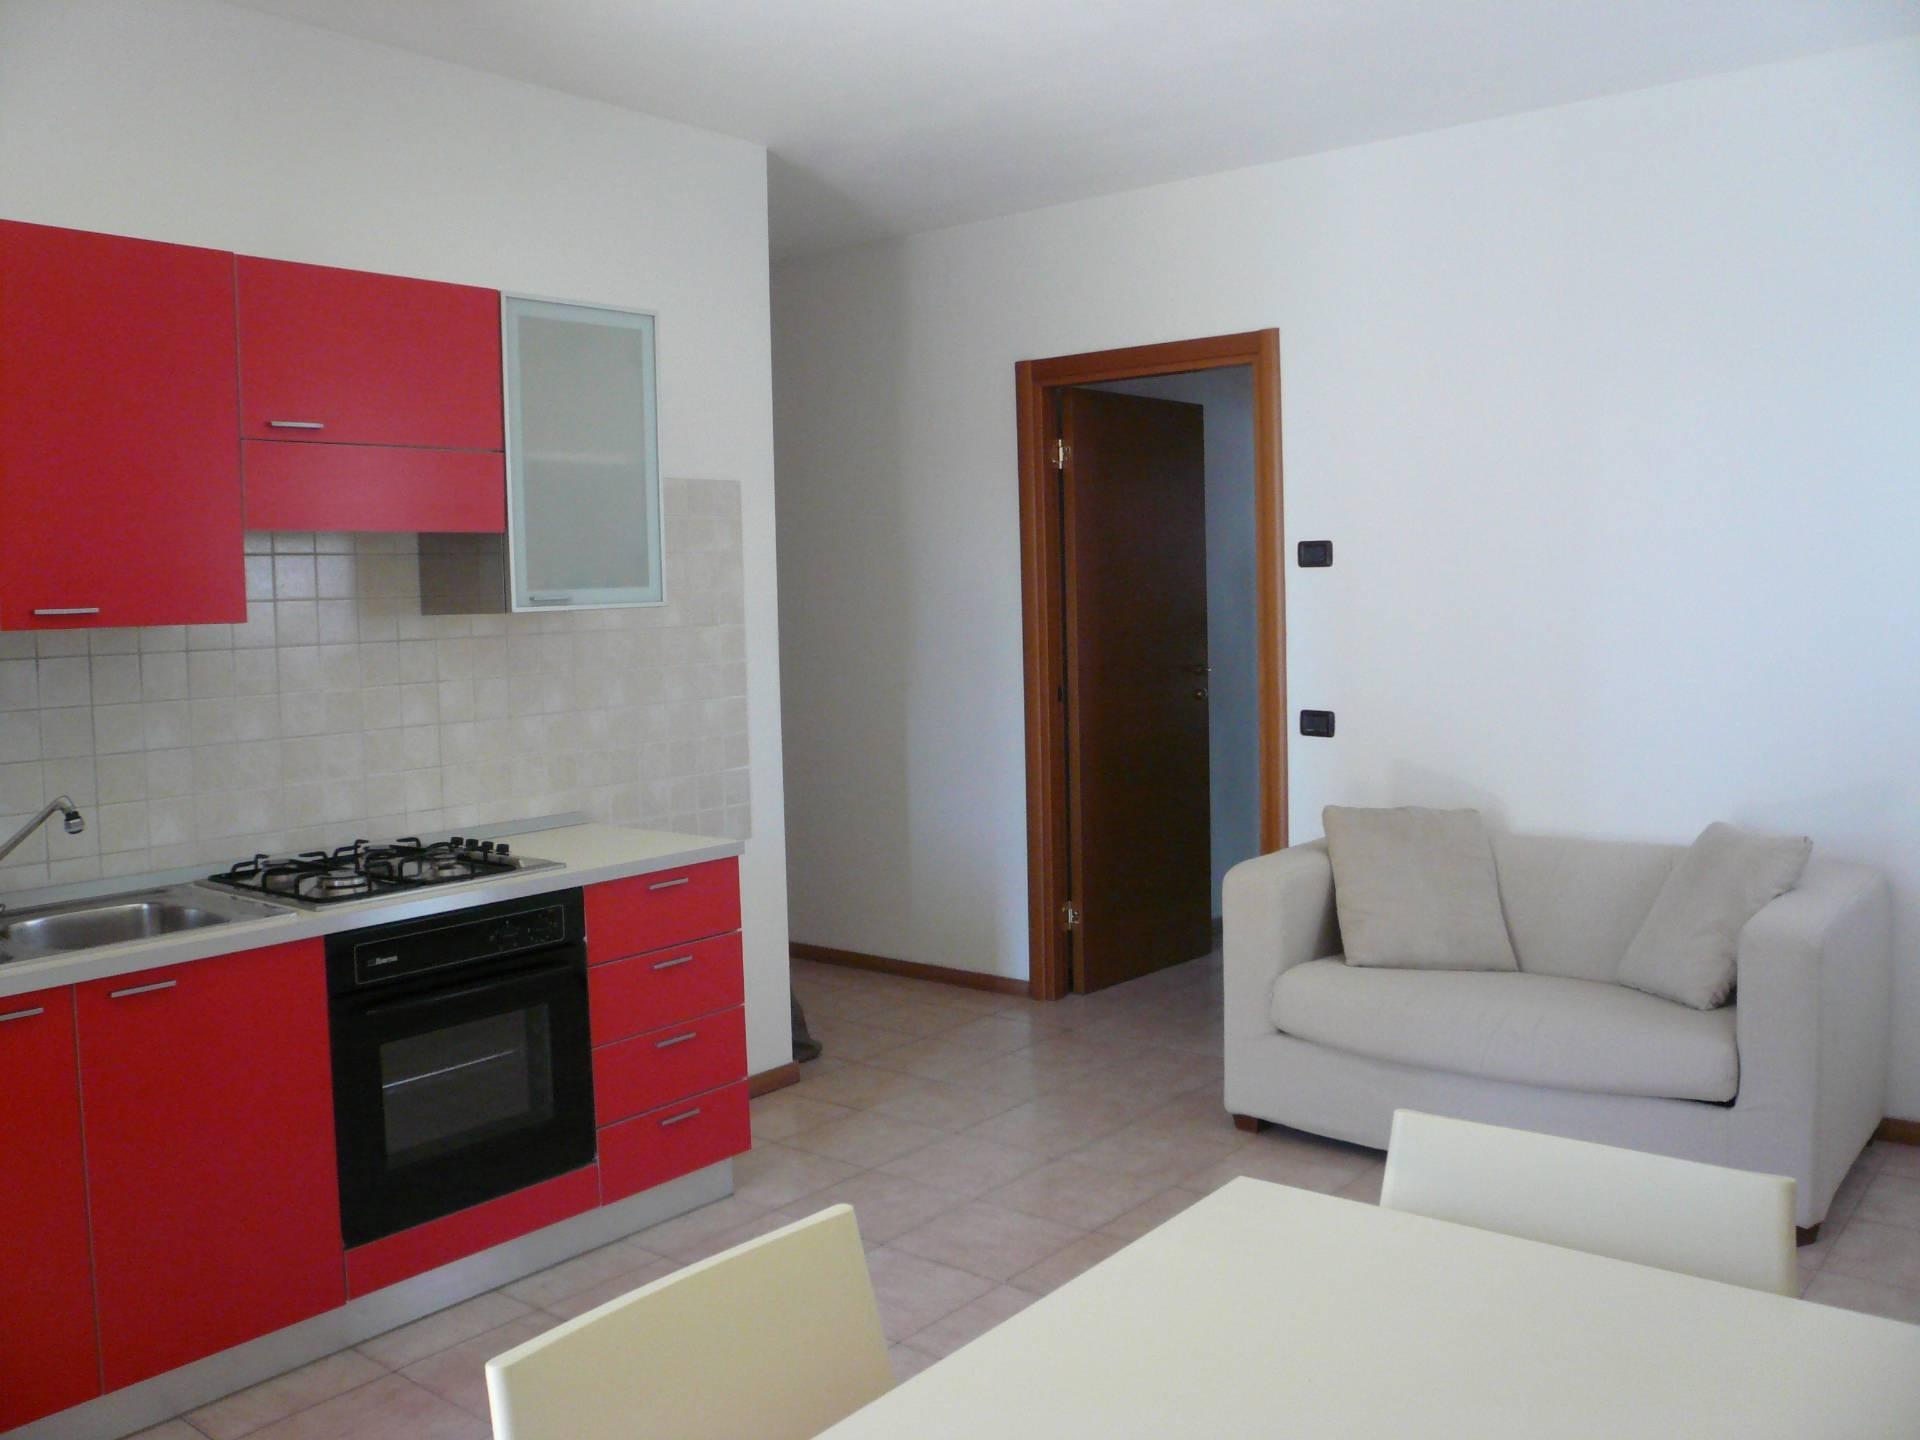 Appartamento in vendita a San Biagio di Callalta, 2 locali, zona Zona: Cavriè, prezzo € 55.000 | Cambio Casa.it